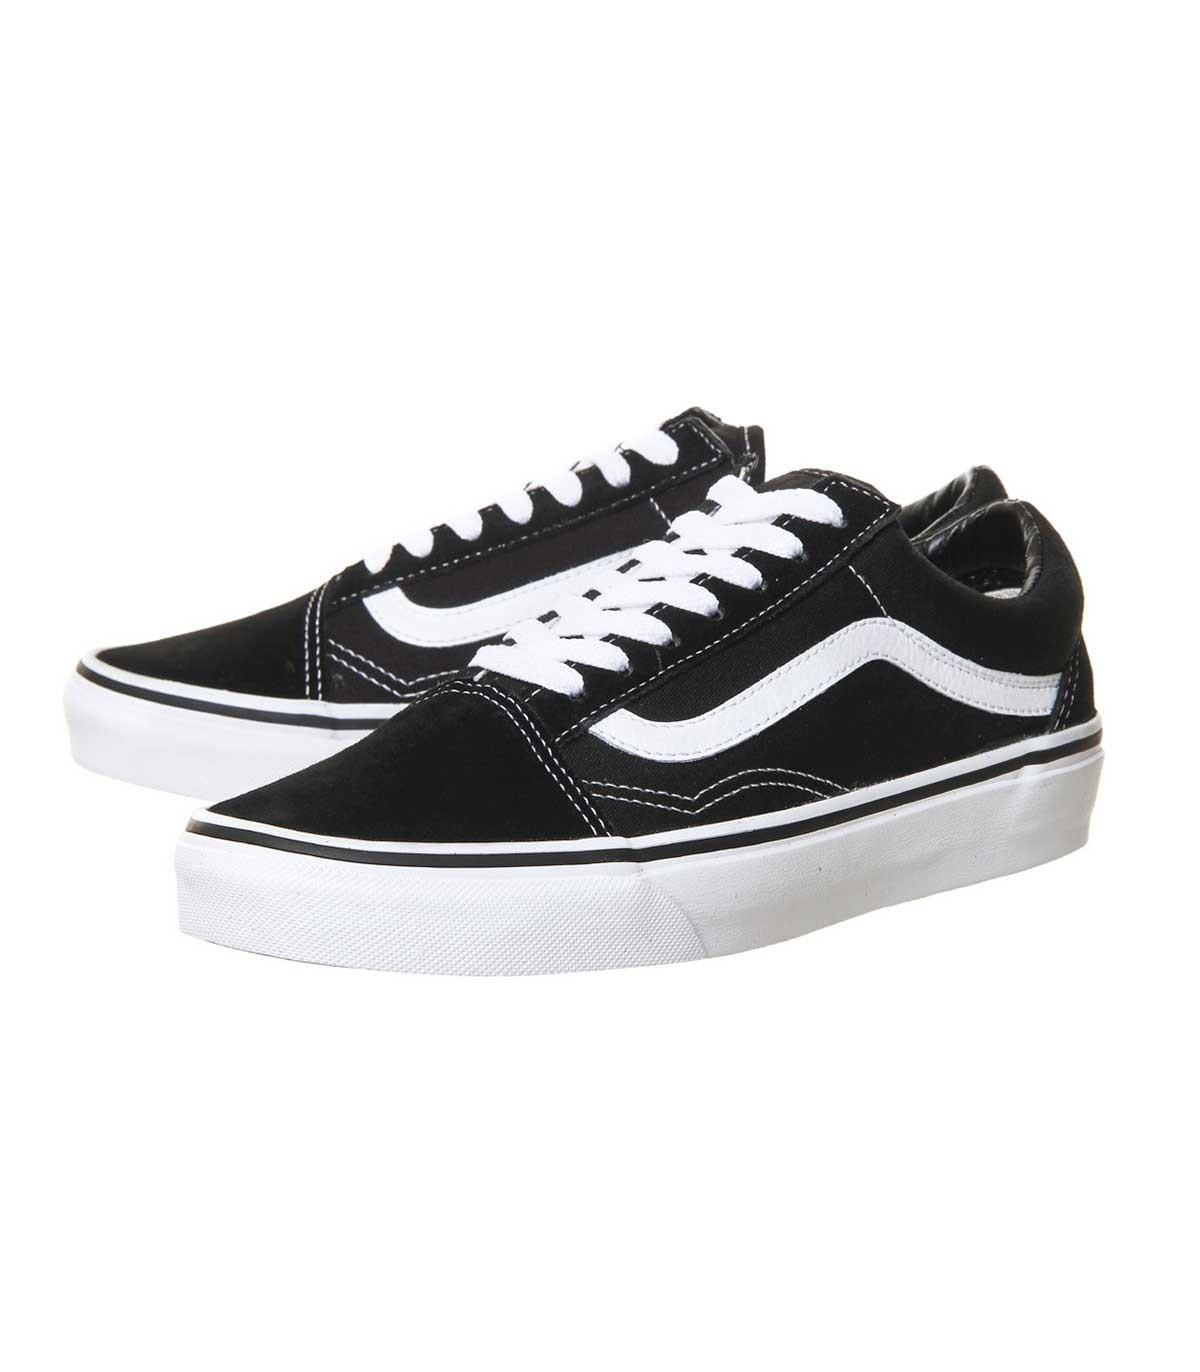 48a16e2387 Zapatillas Vans Old Skool | Comprar Online